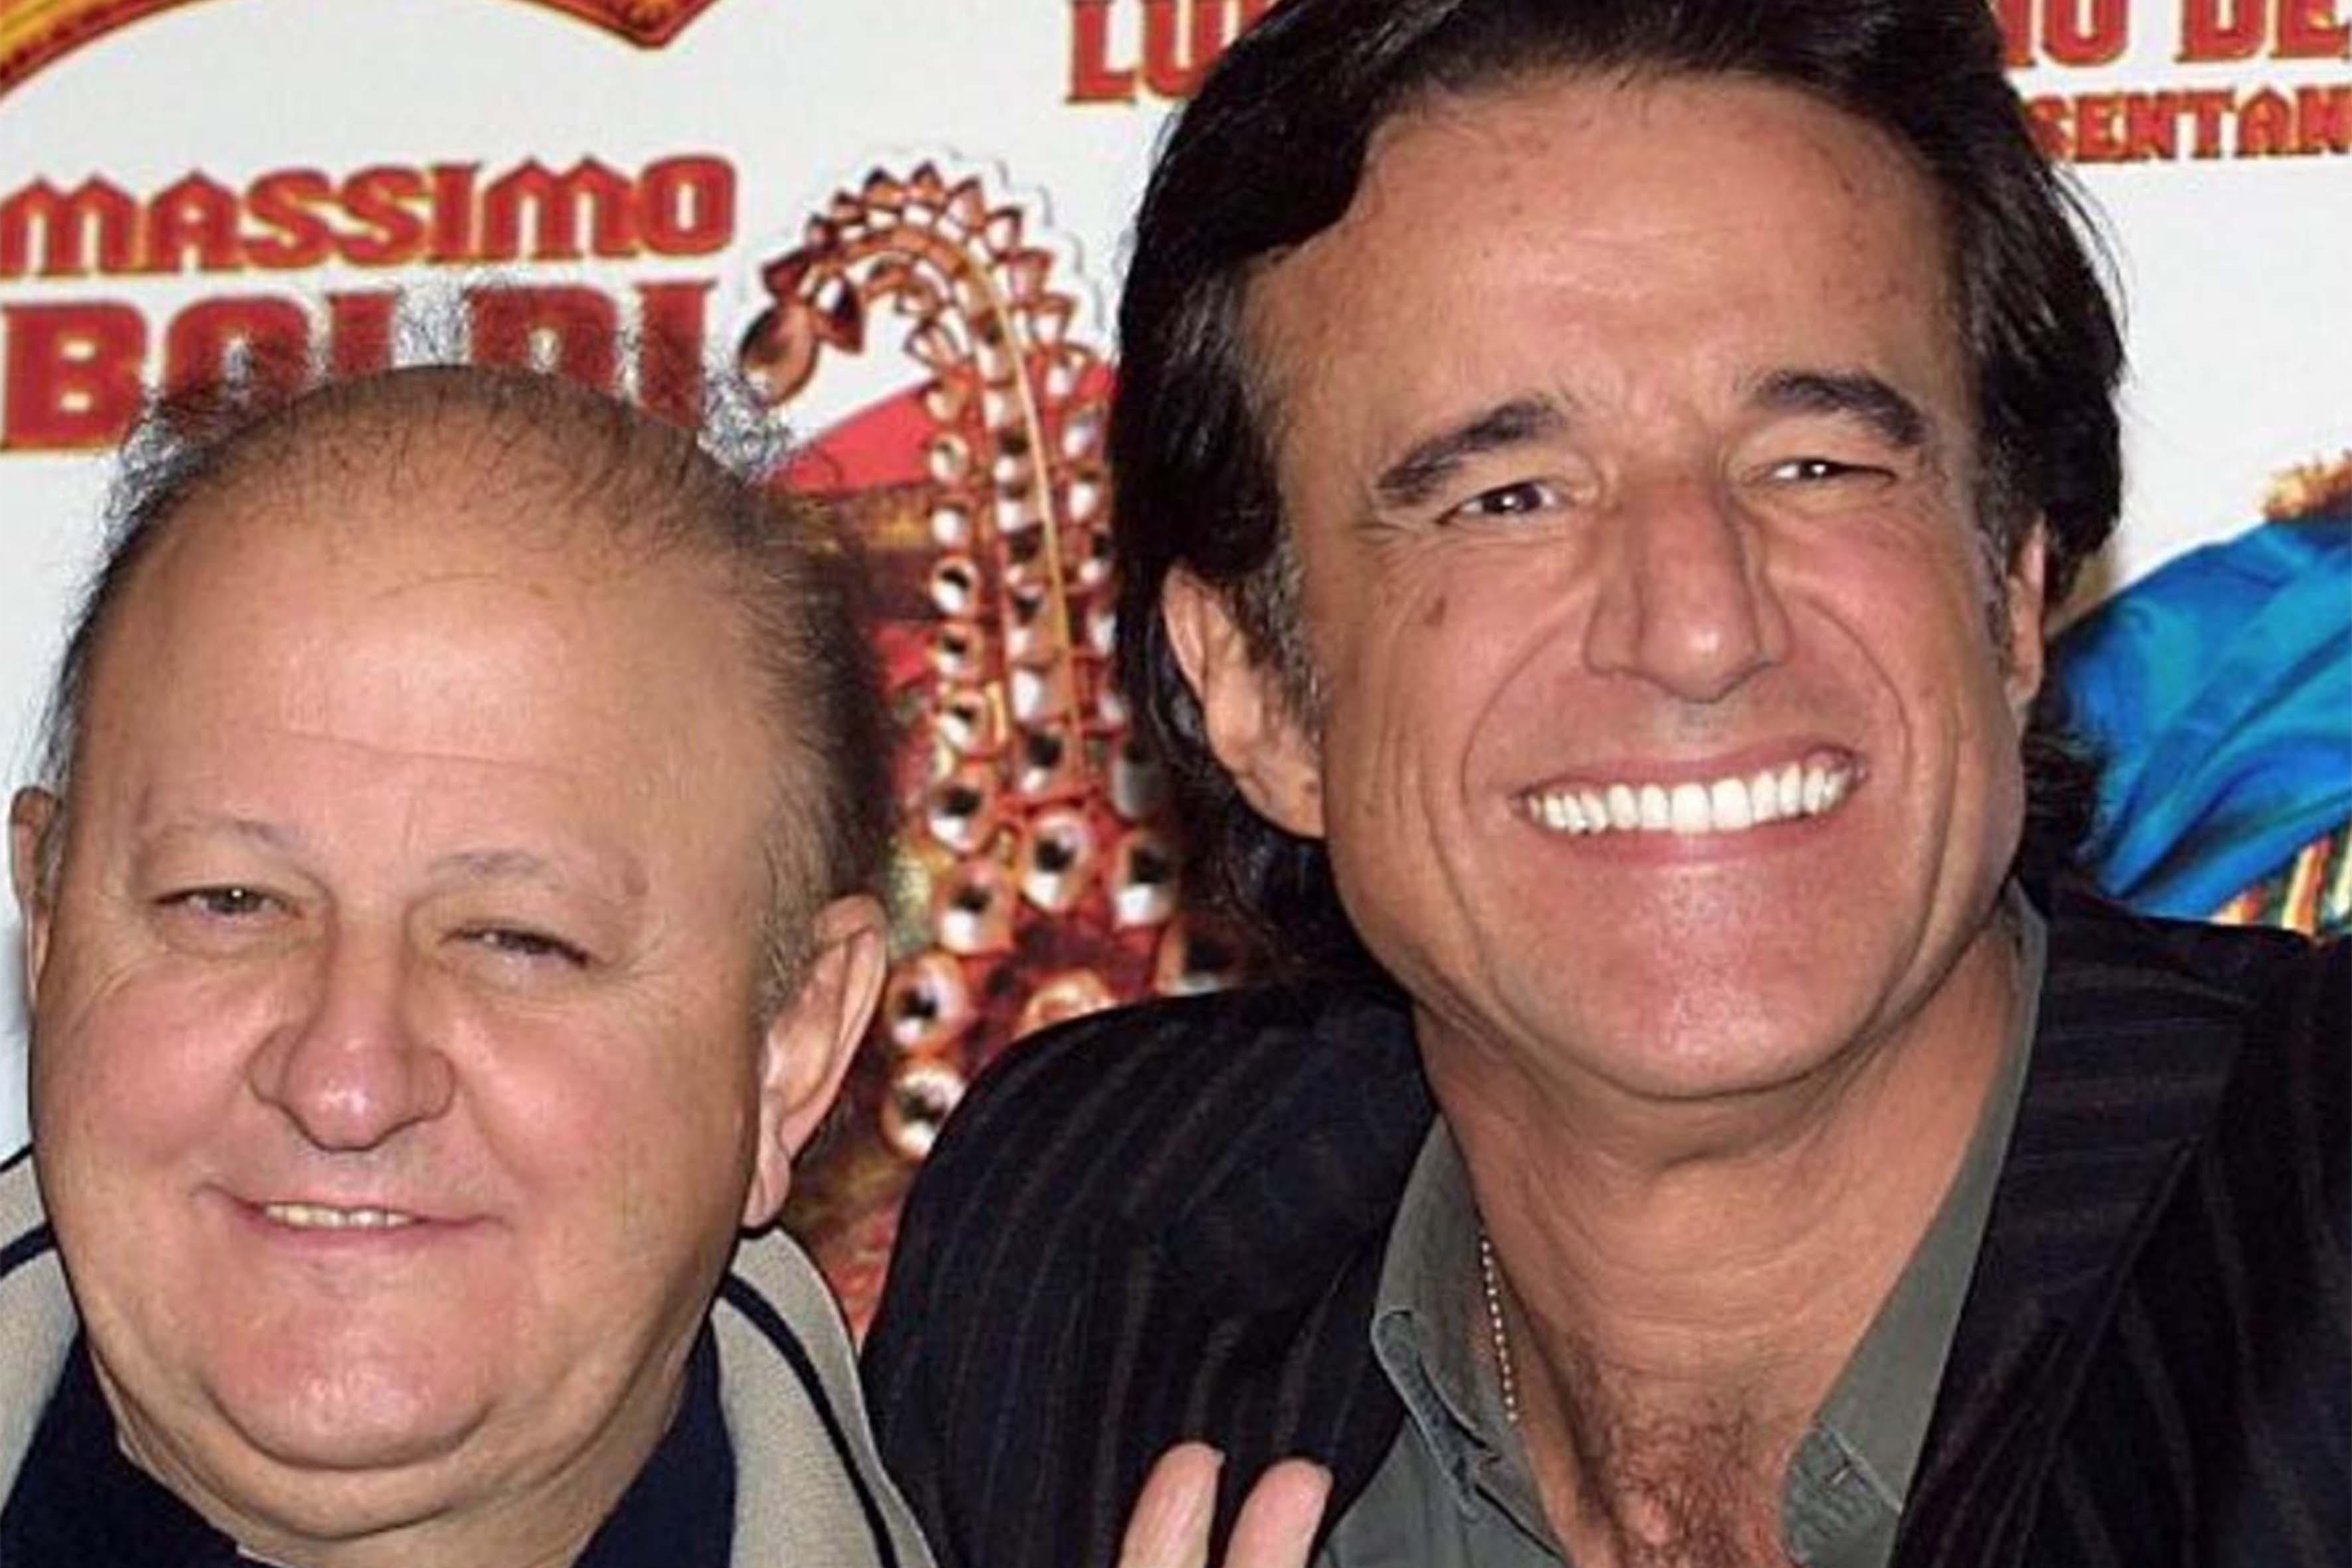 Christian De Sica e Massimo Boldi